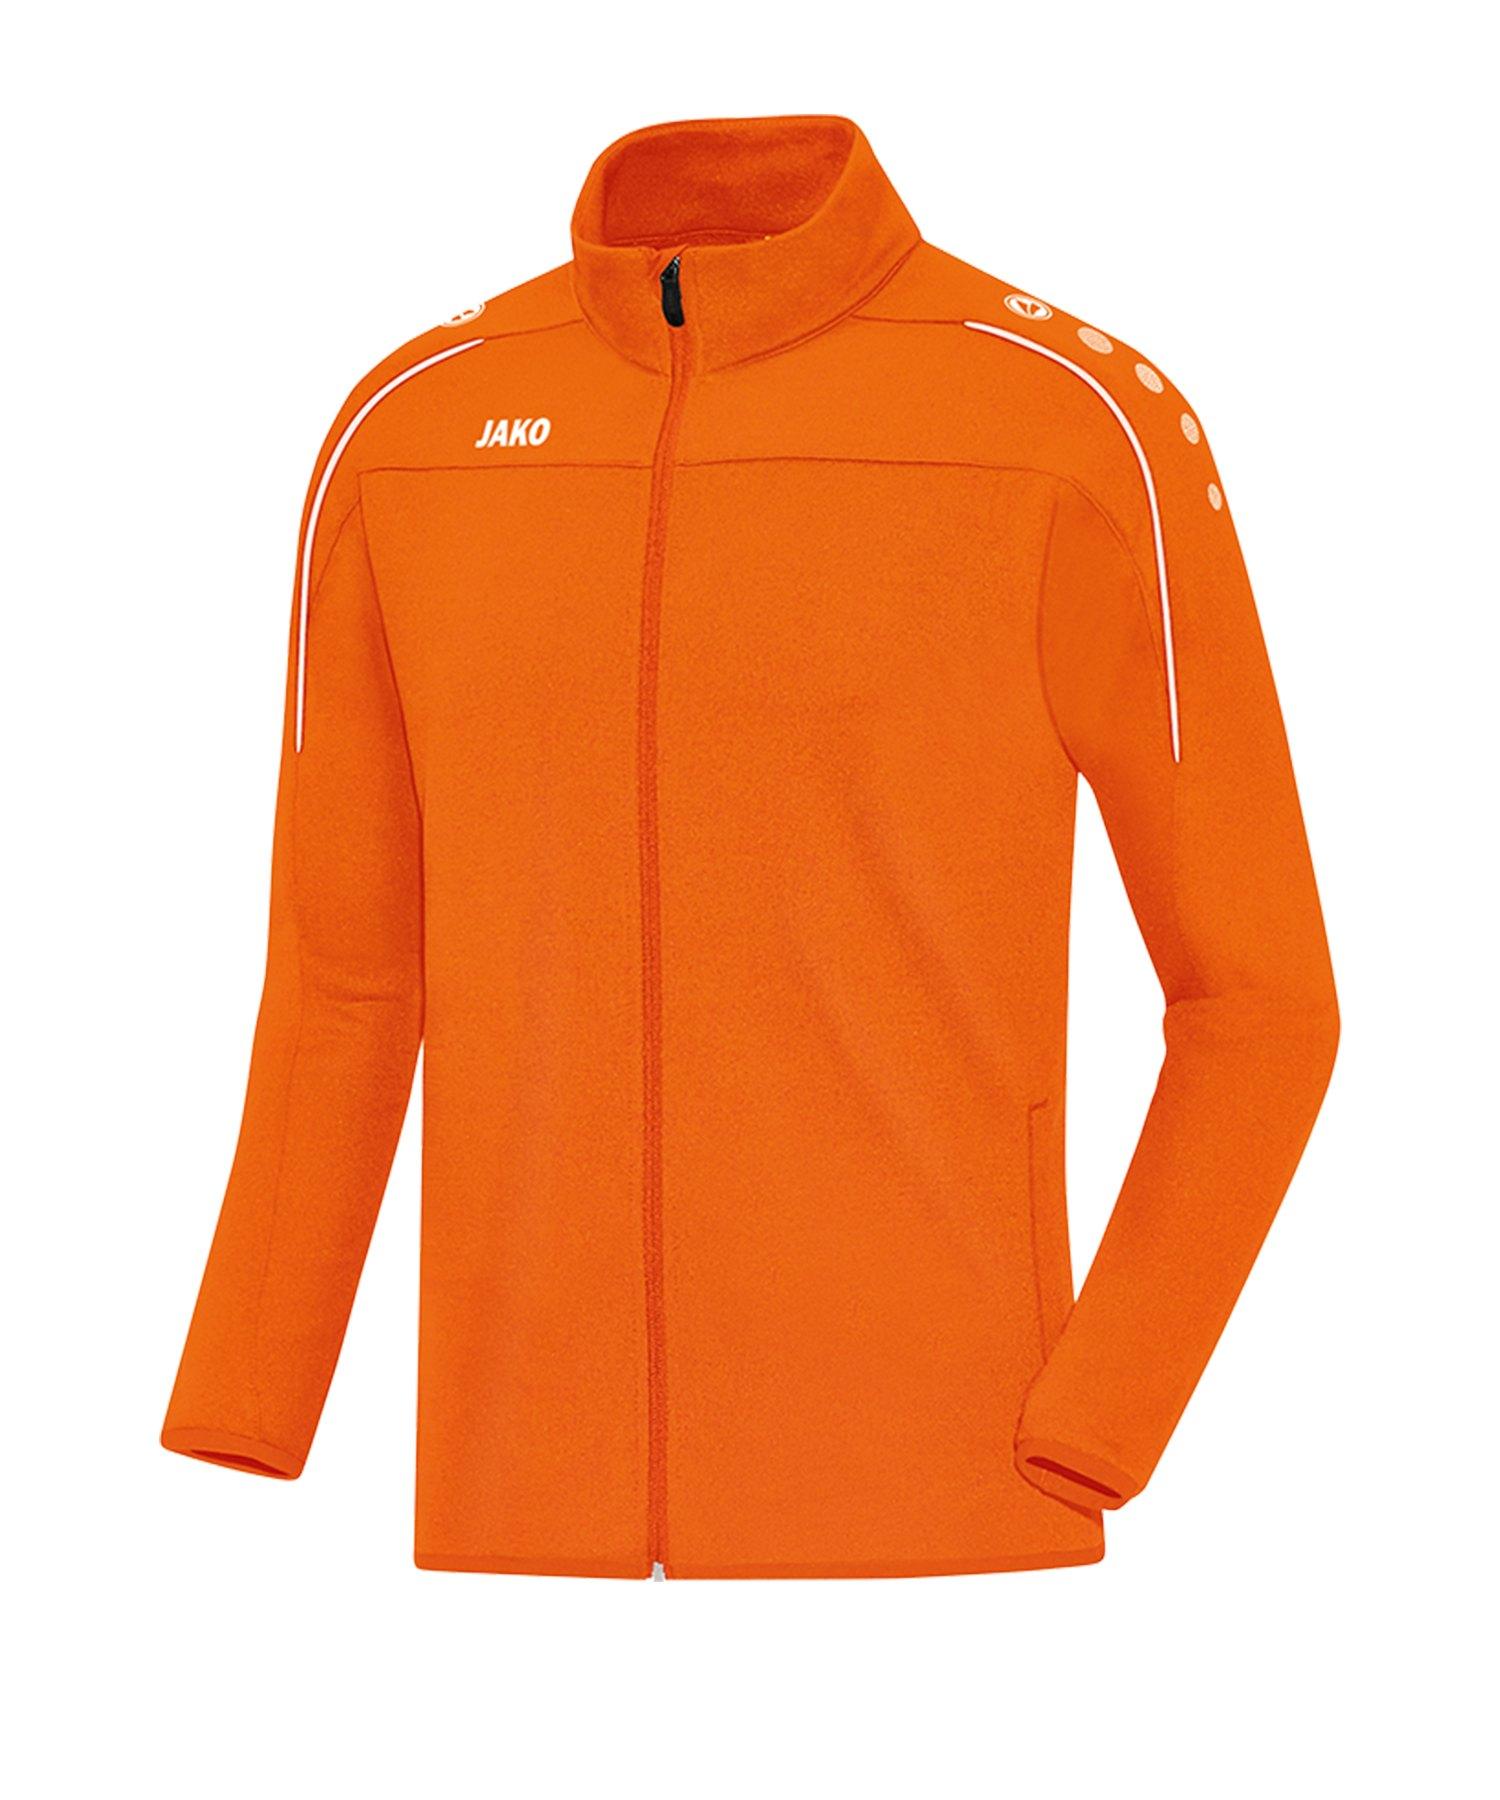 Jako Classico Freizeitjacke Damen Orange F19 - Orange